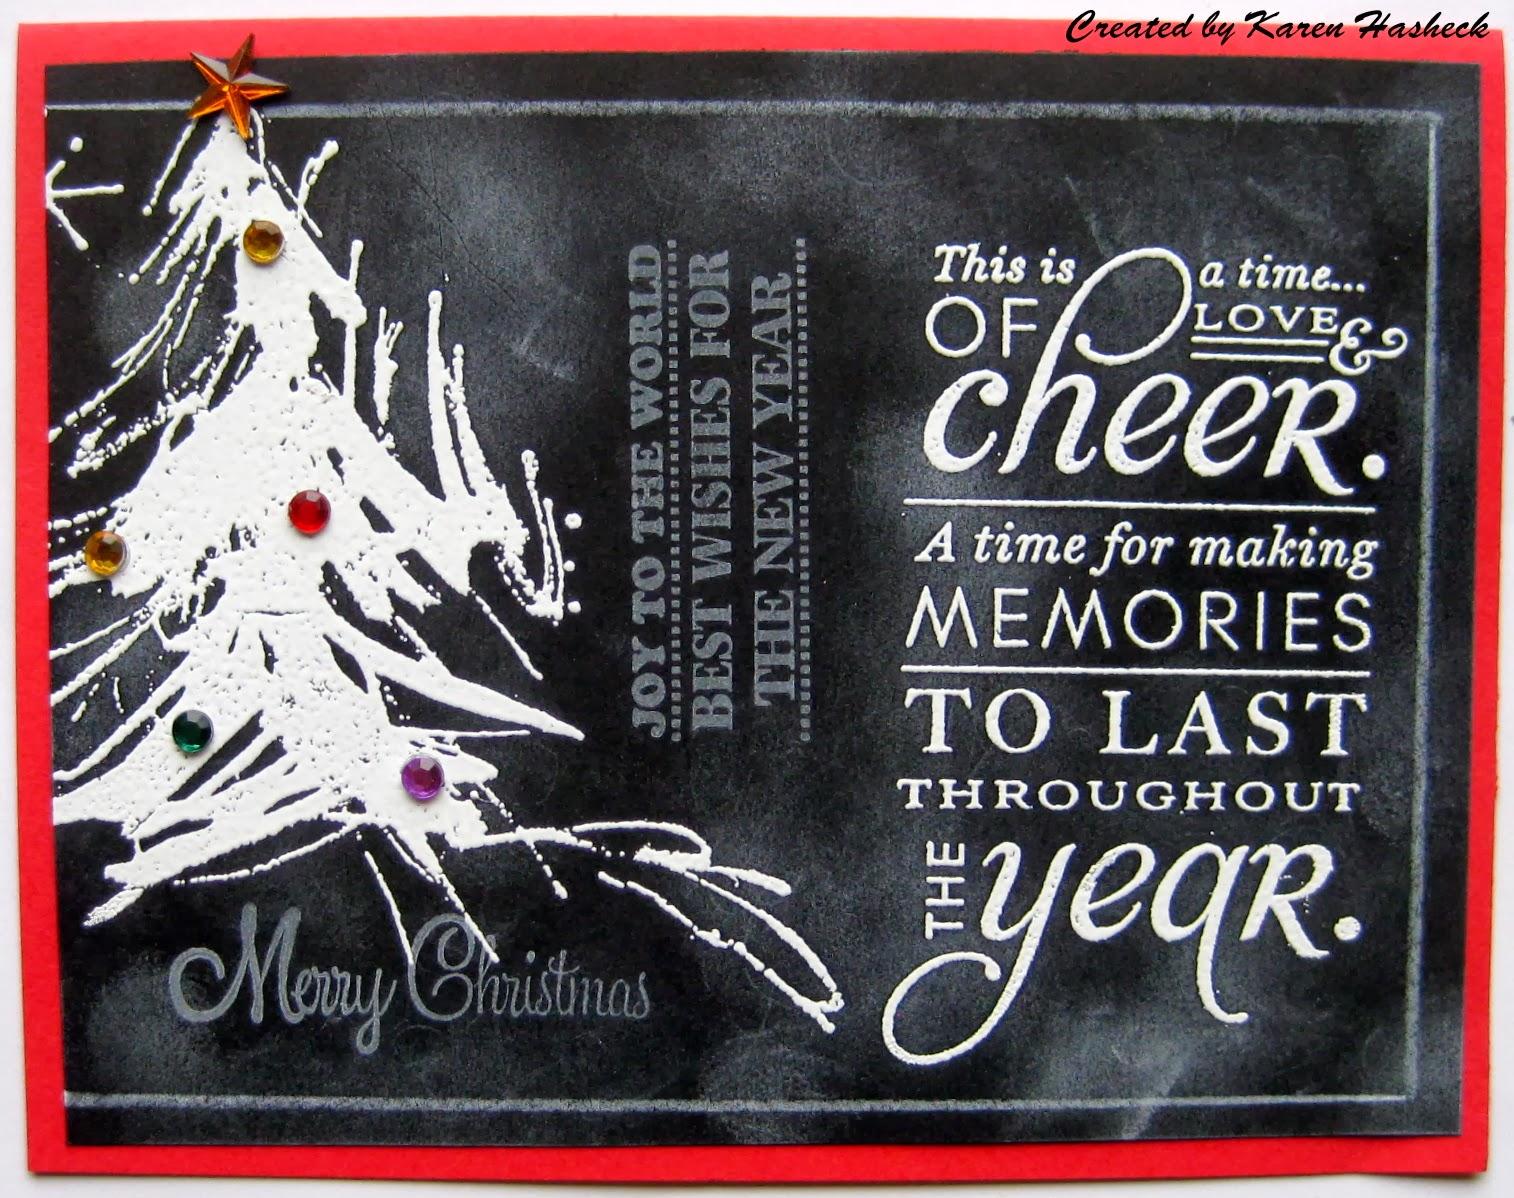 Karen39s kreative kards chalkboard christmas card for Chalkboard christmas cards